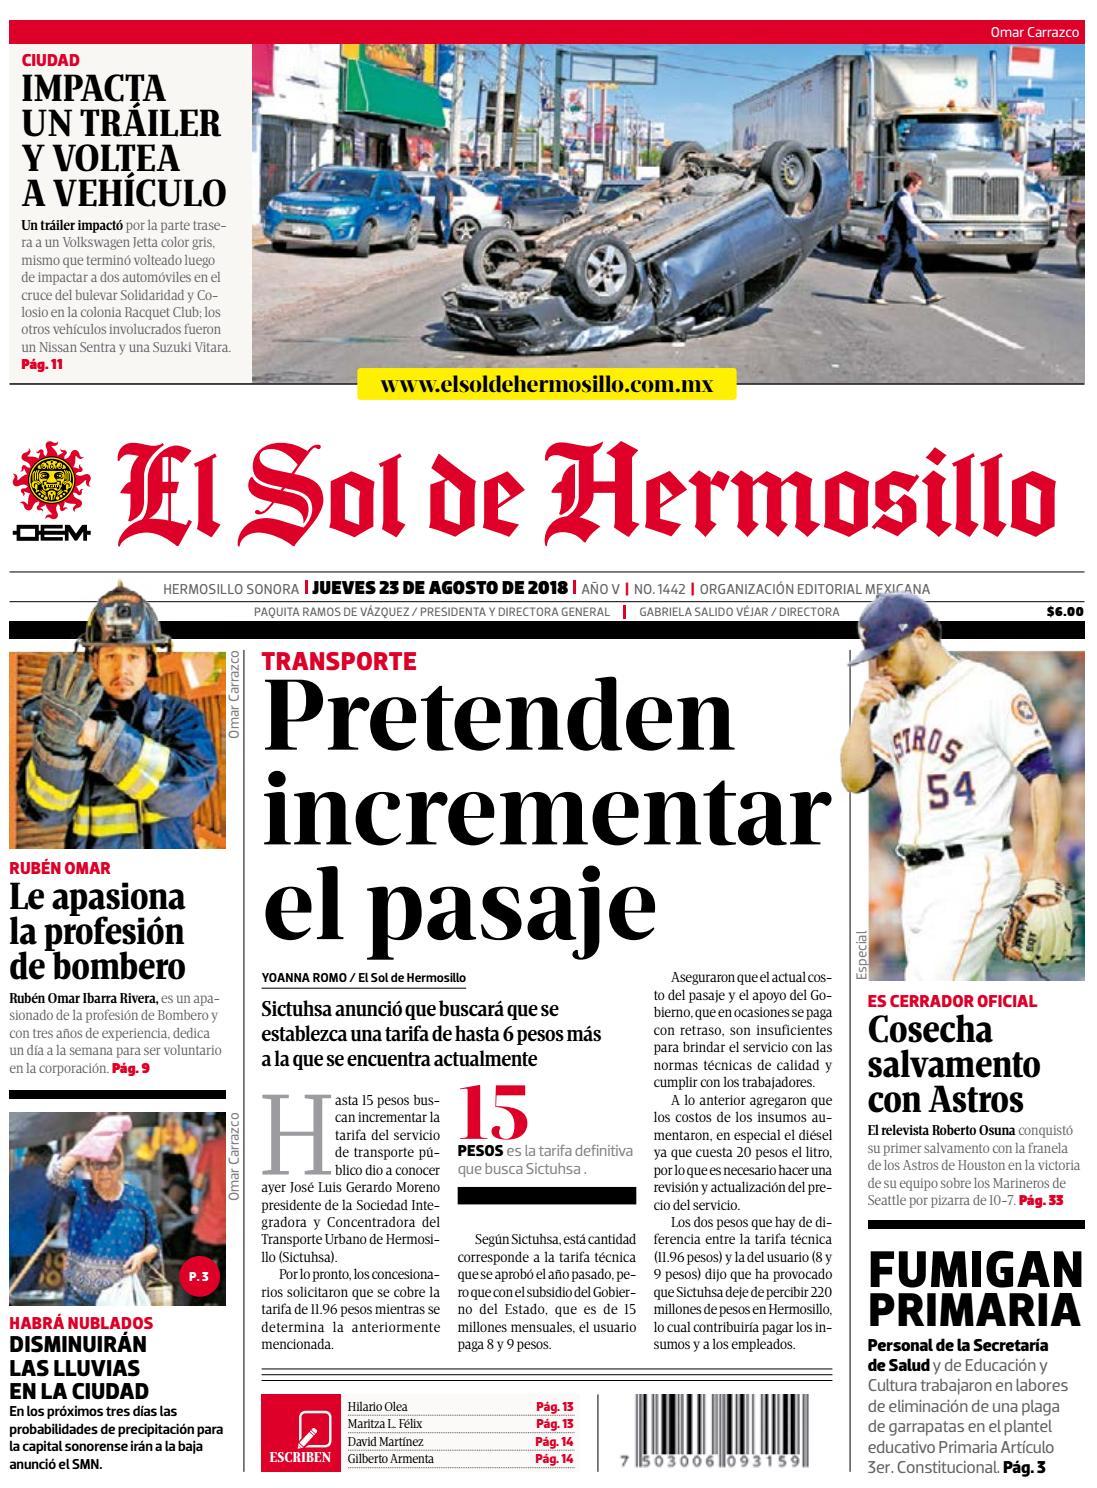 Edición impresa jueves 23 de agosto 2018 by El Sol de Hermosillo - issuu